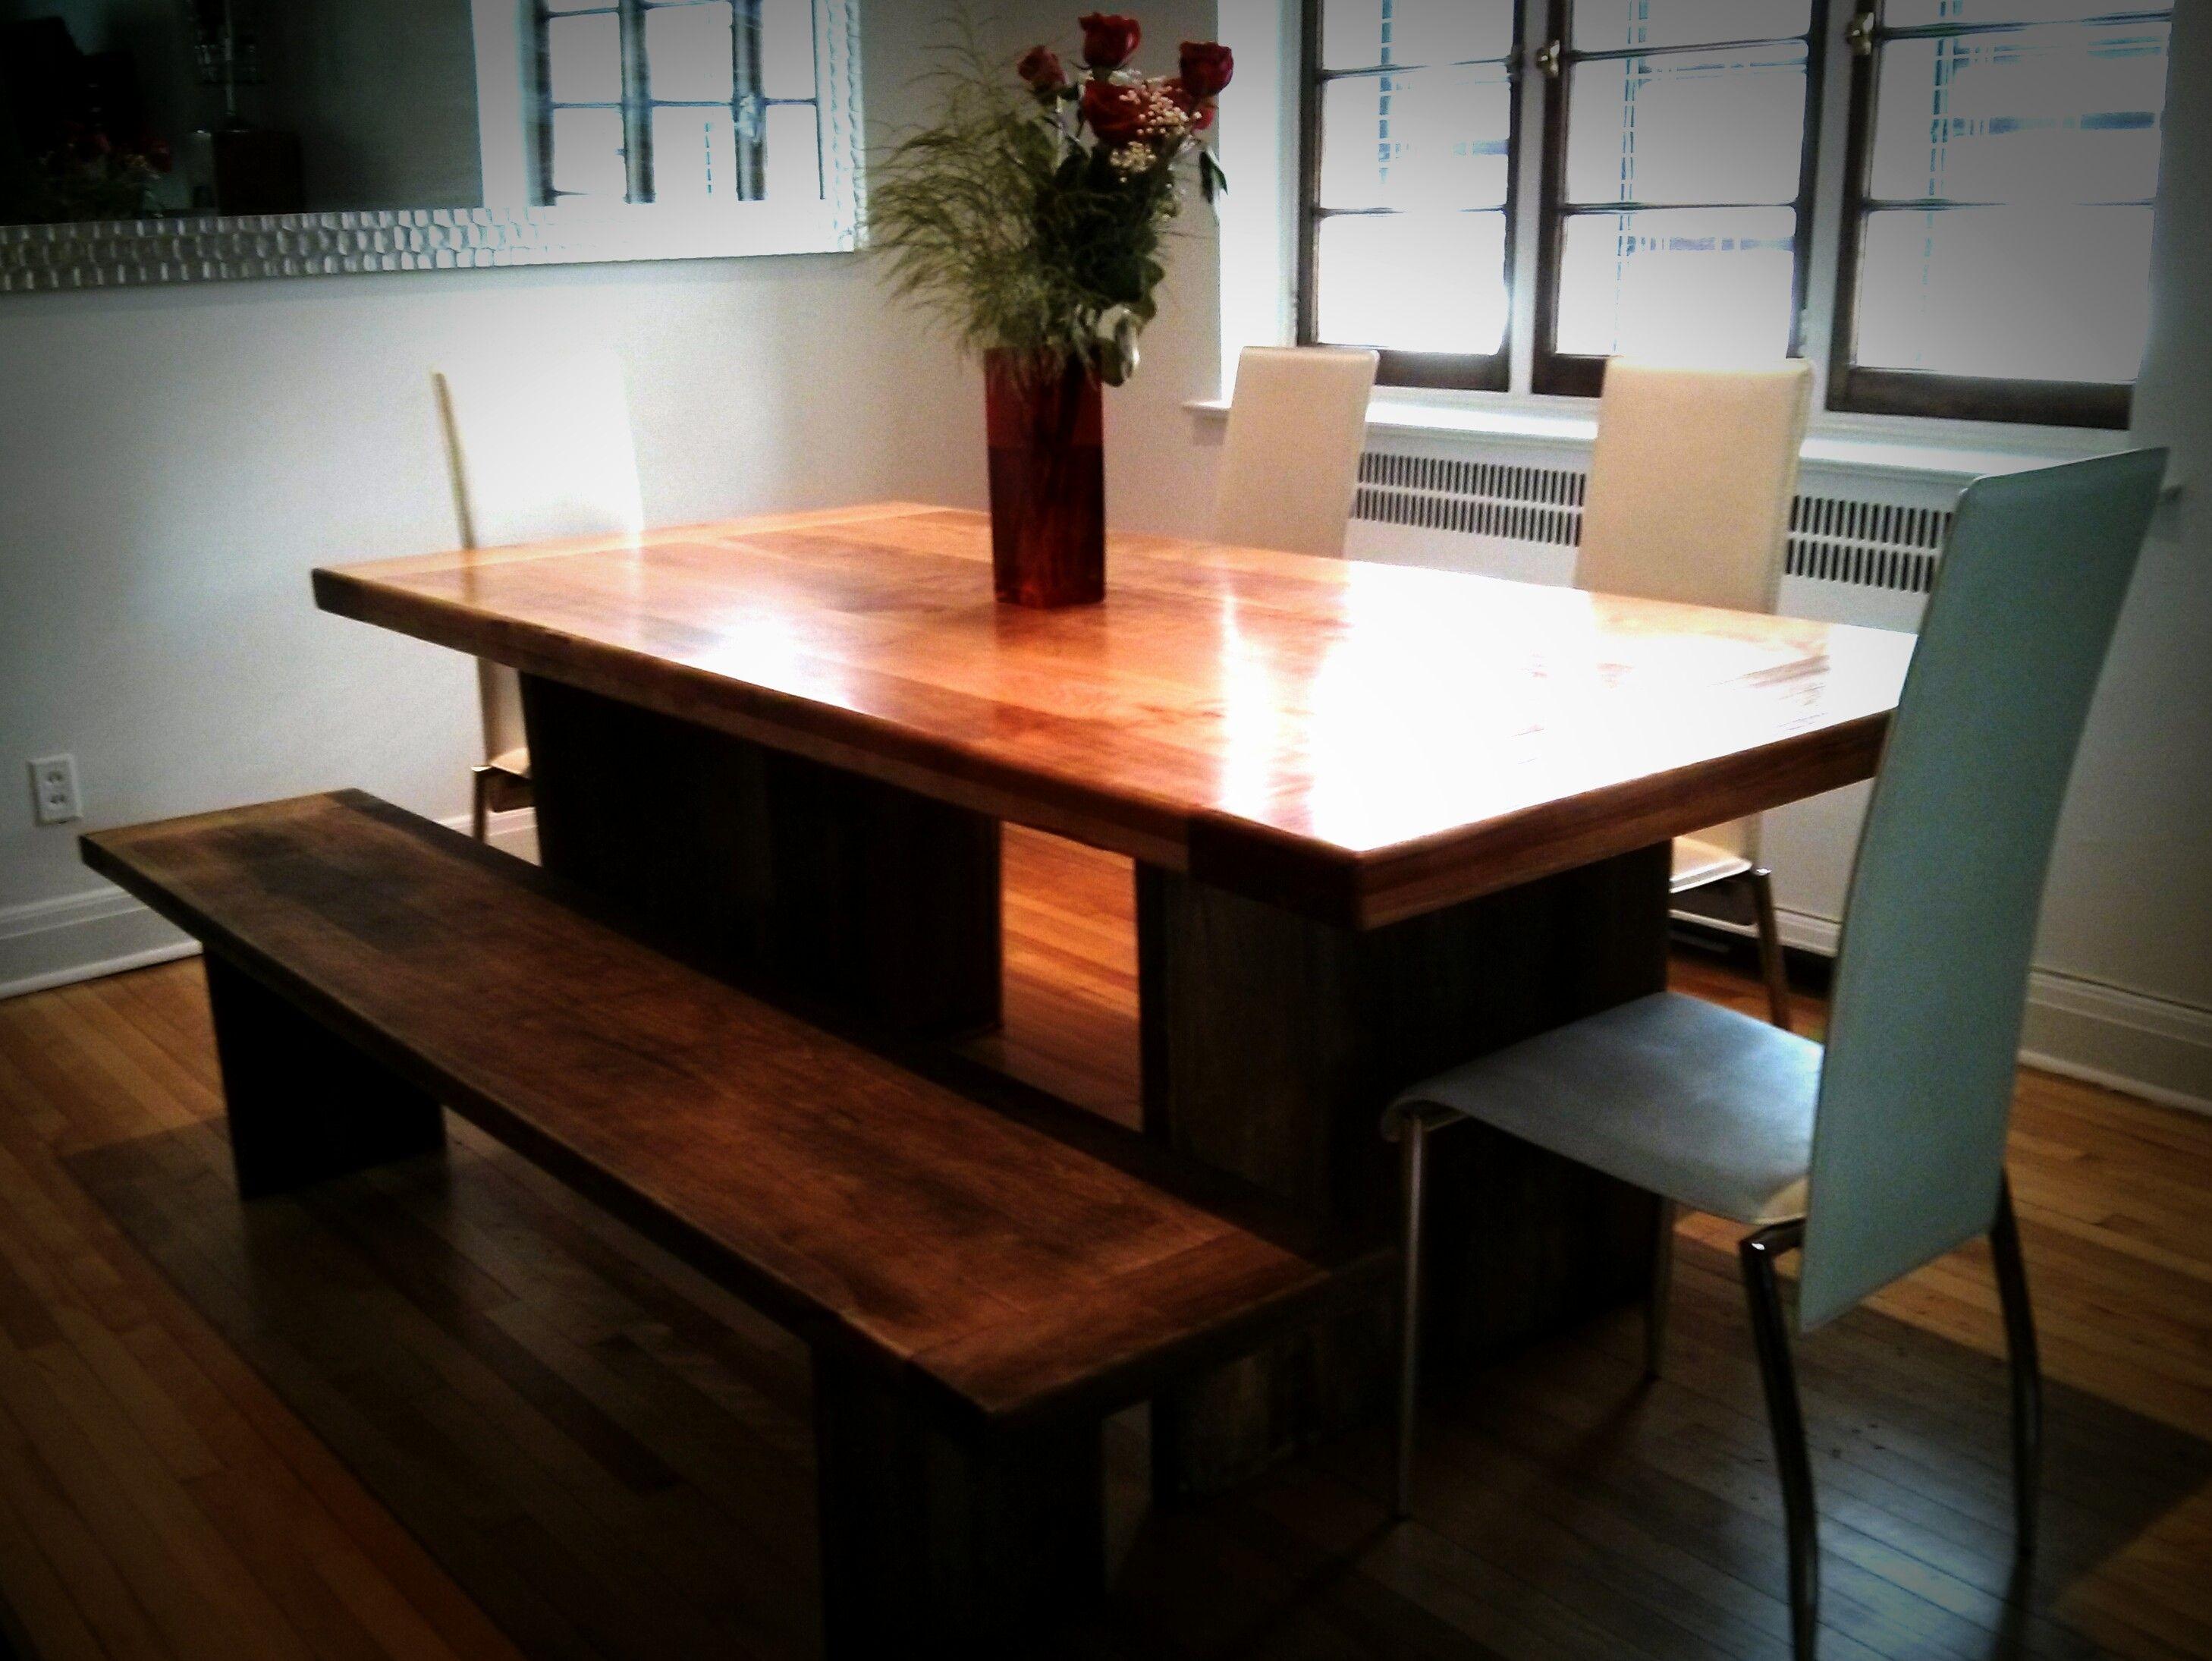 Deco Avec Meuble Merisier table et banc en merisier avec fini couleur noyer. | table